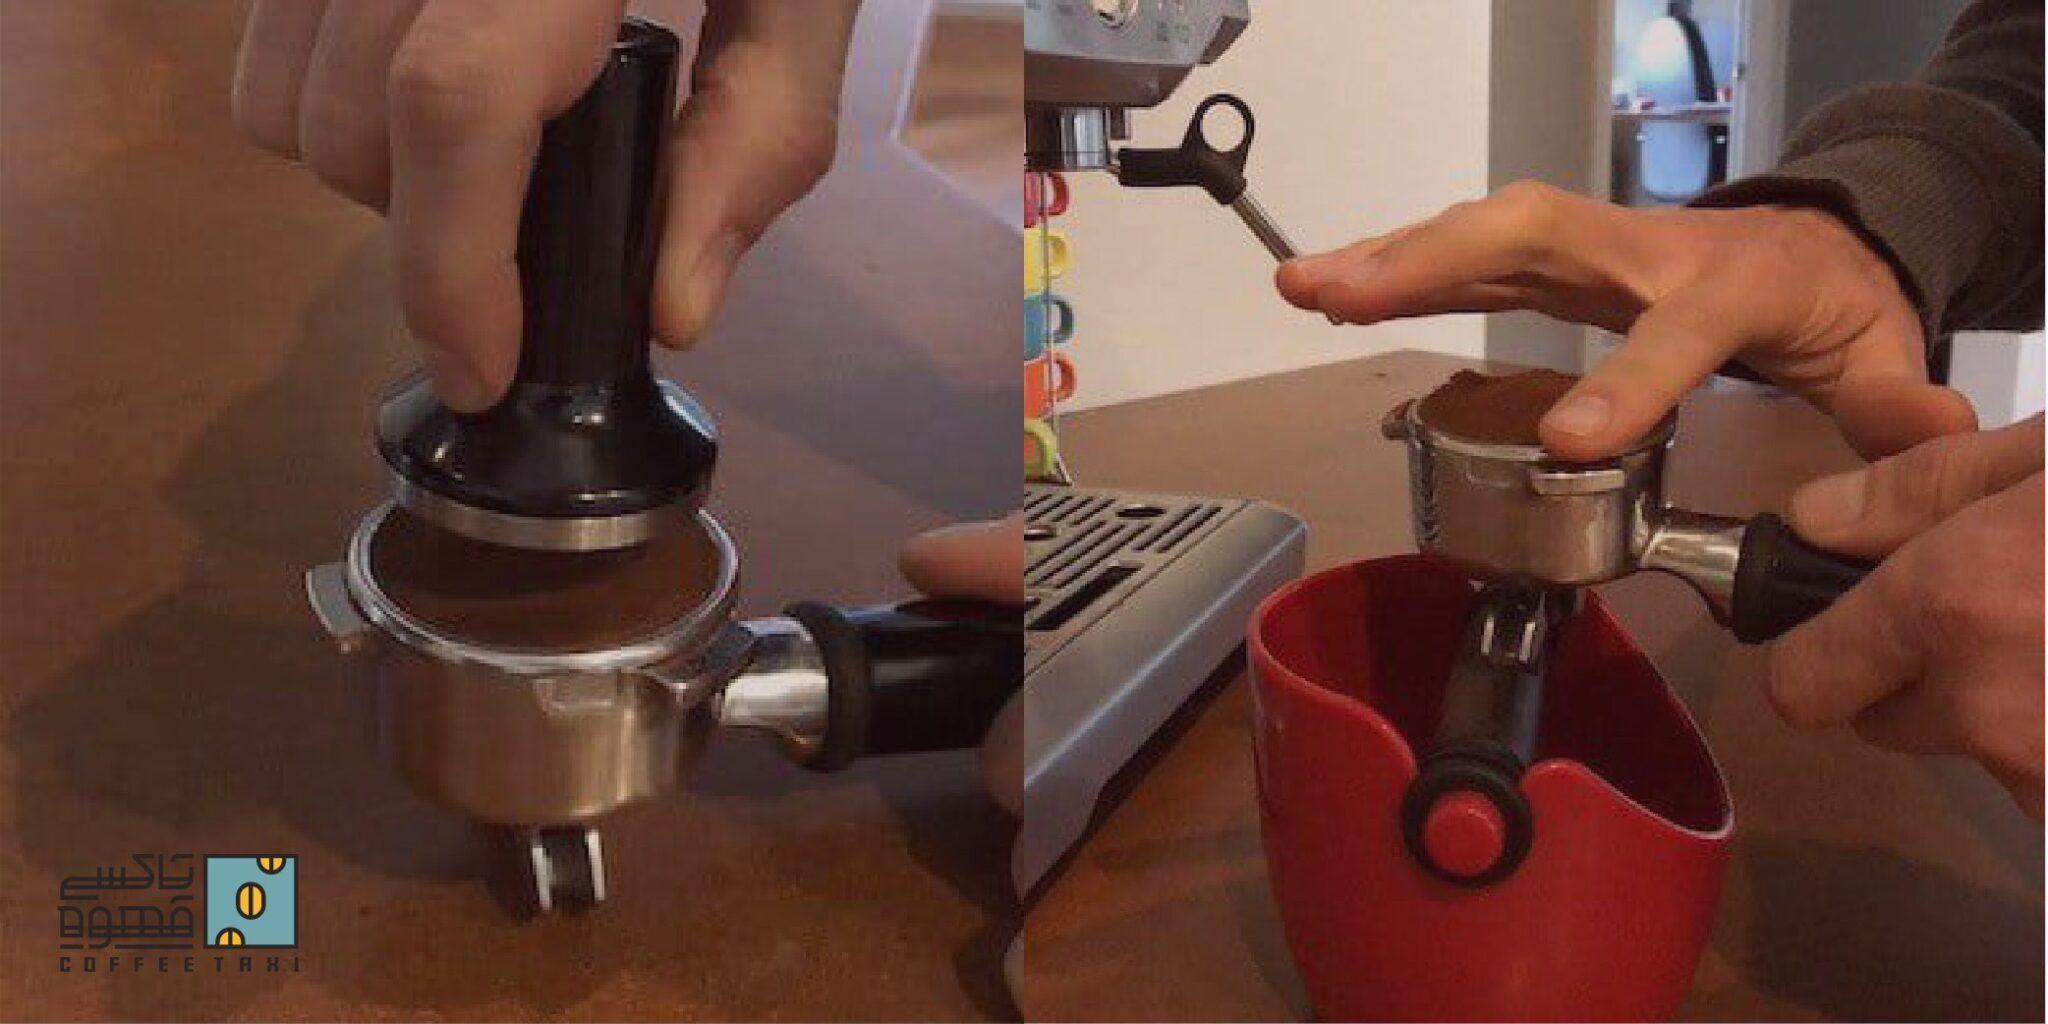 طرز تهیه قهوه اسپرسو با دستگاه خانگی مرحله دوم